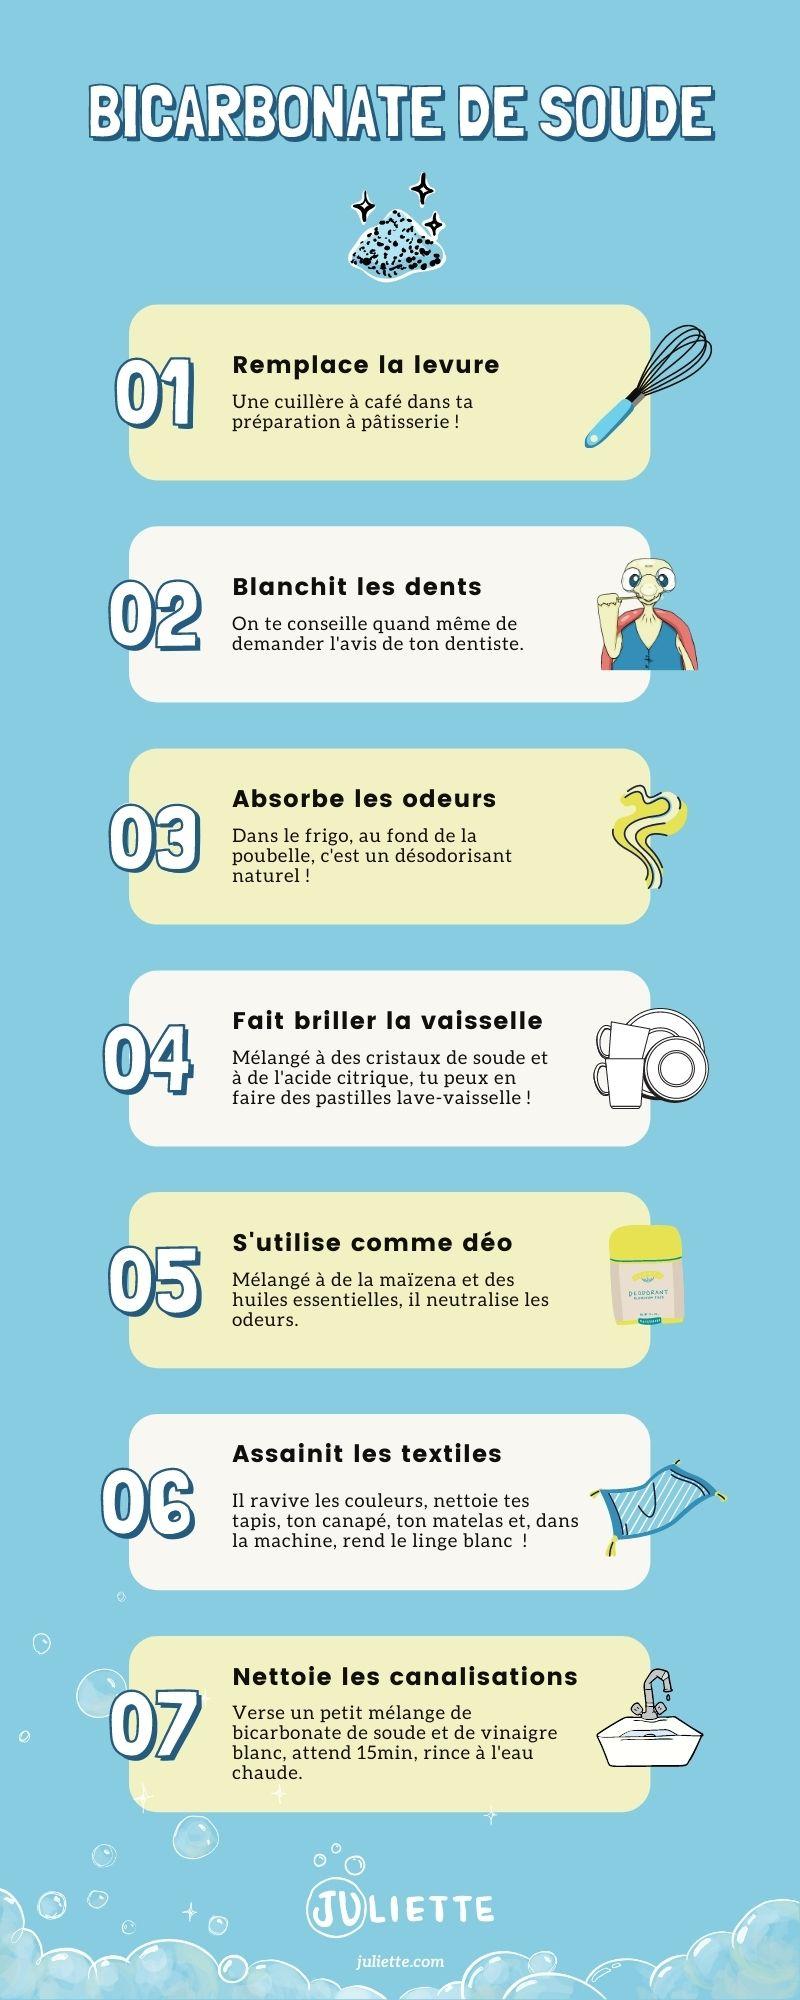 Comment utiliser bicarbonate de soude a la maison ? Infographie